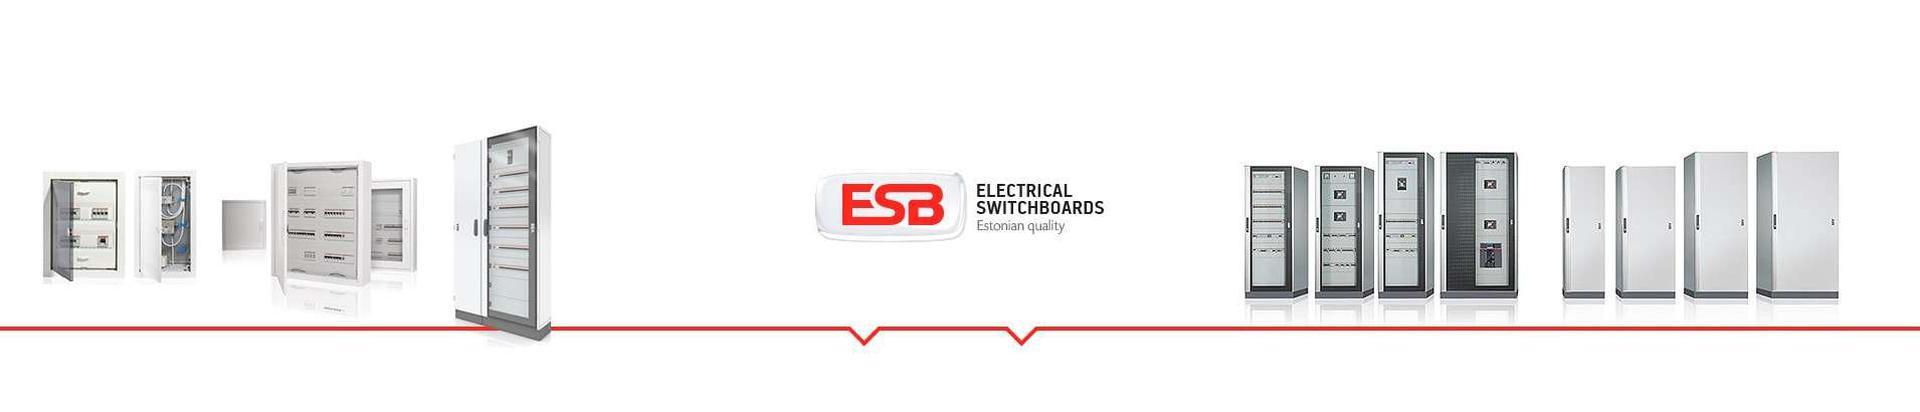 ehitus- ja viimistlusmaterjalid, elektriseadmed, elektrimaterjalid, elektroonika, elektritööd